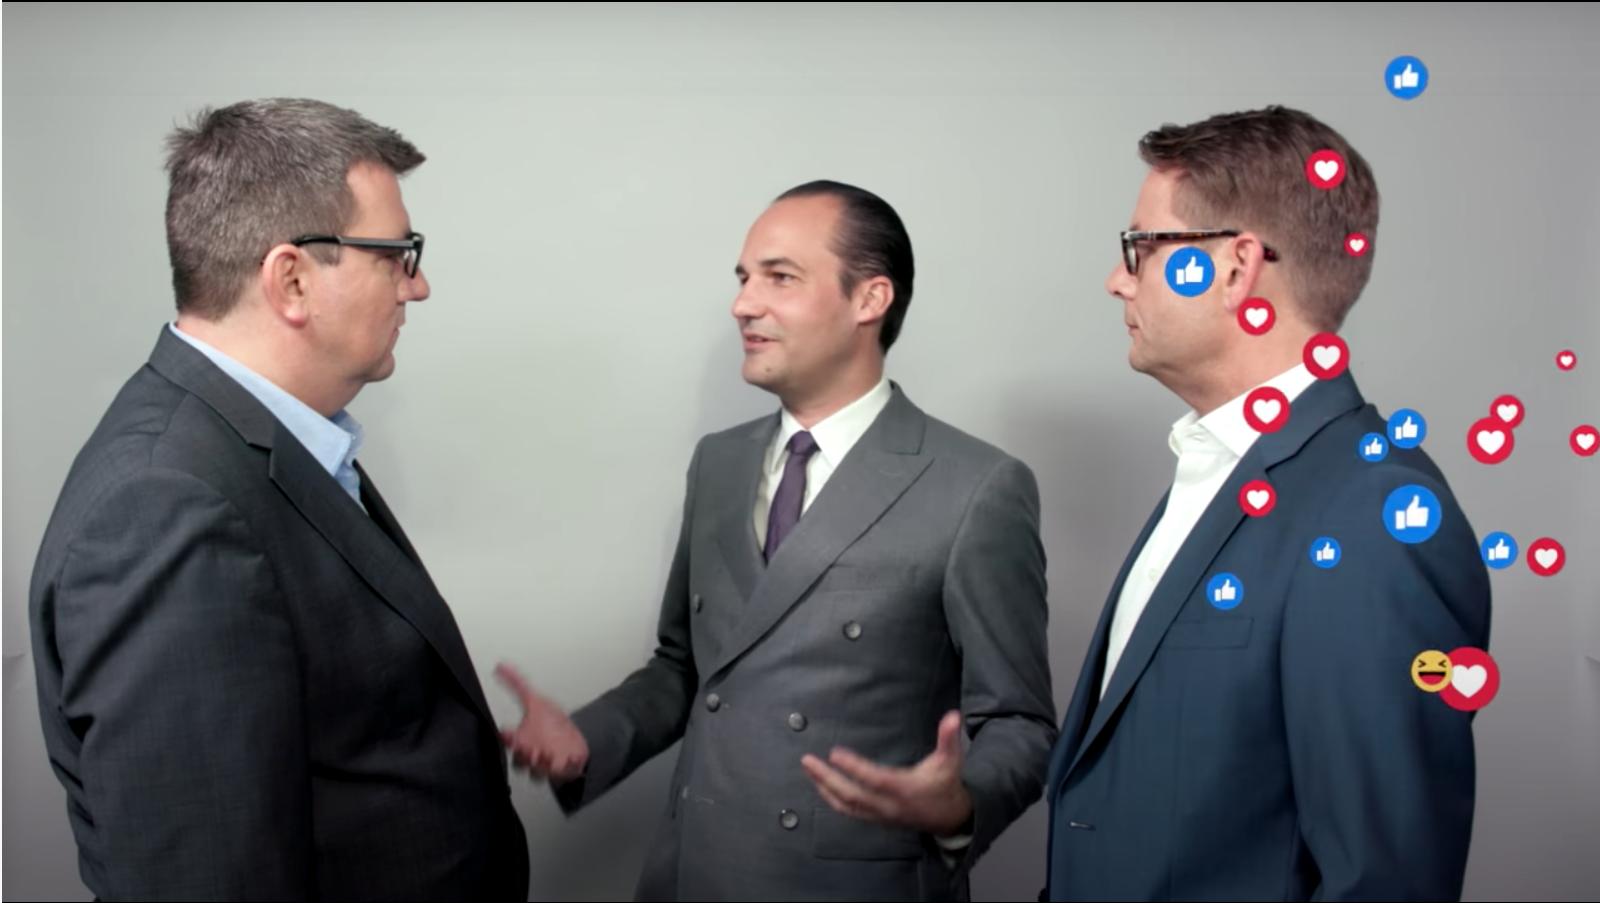 Drei Männer im Gespräch und von rechts kommen eine Menge Emoji, wie sie auch auf Facebook verwendet werden.